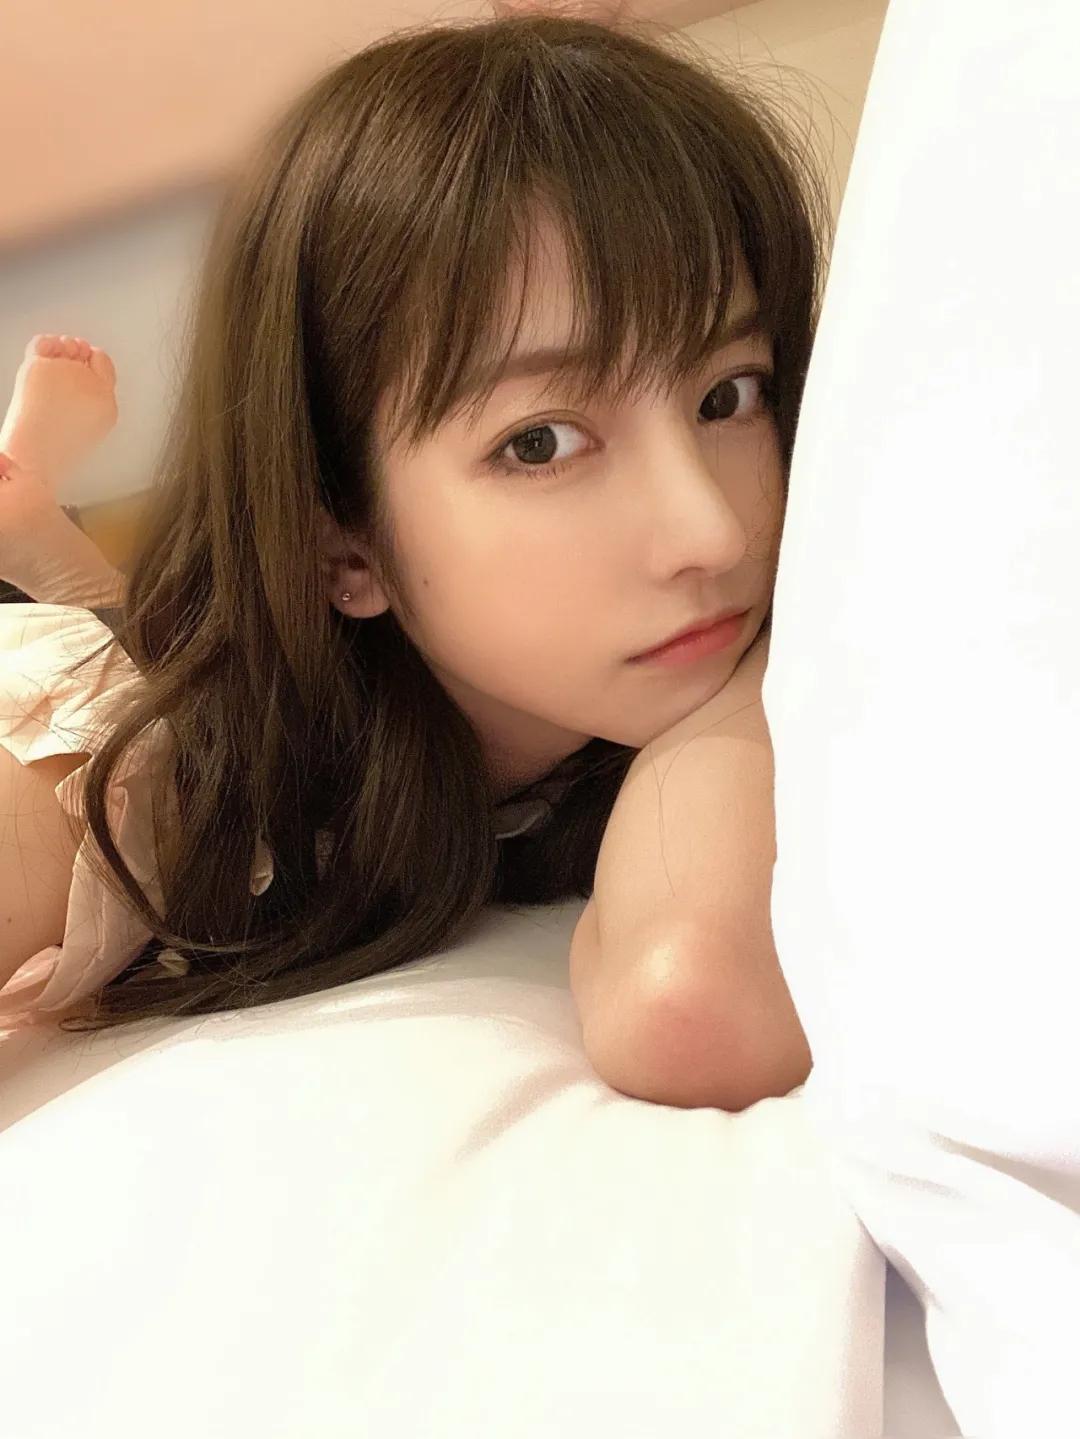 日本佛系小姐姐枫花恋(枫可怜)老师